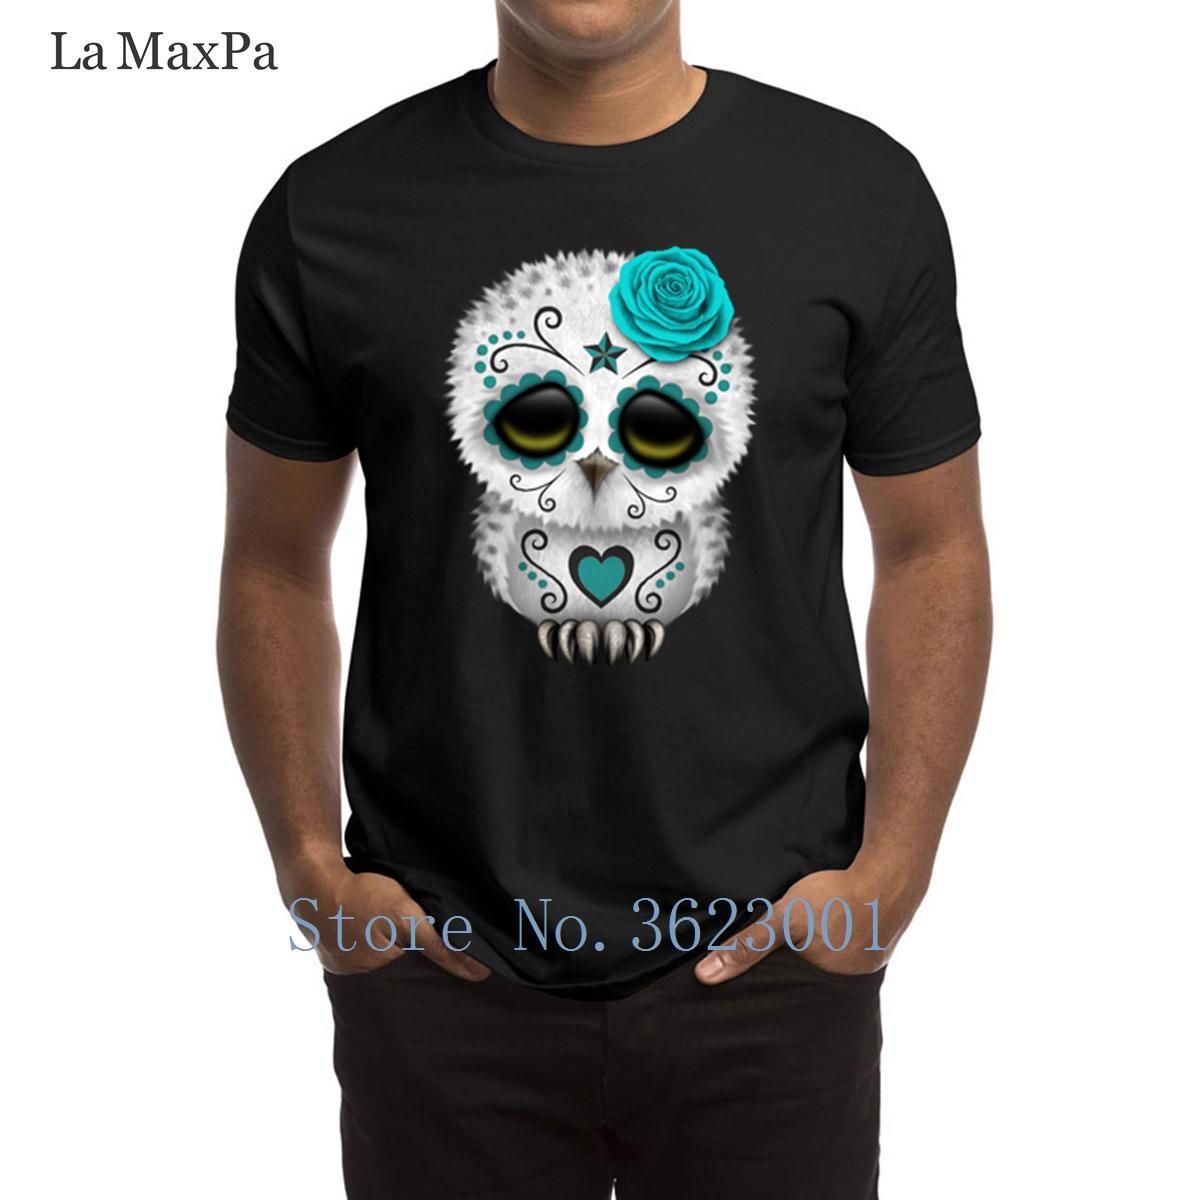 Großhandel Druckform T Shirt Netter Blauer Tag Des Toten Zuckerschädel Eulen  T Shirts Für Männer Familien T Shirt 2018 Nettes Rundes Hals T Shirt Von ... 16b2c8d651